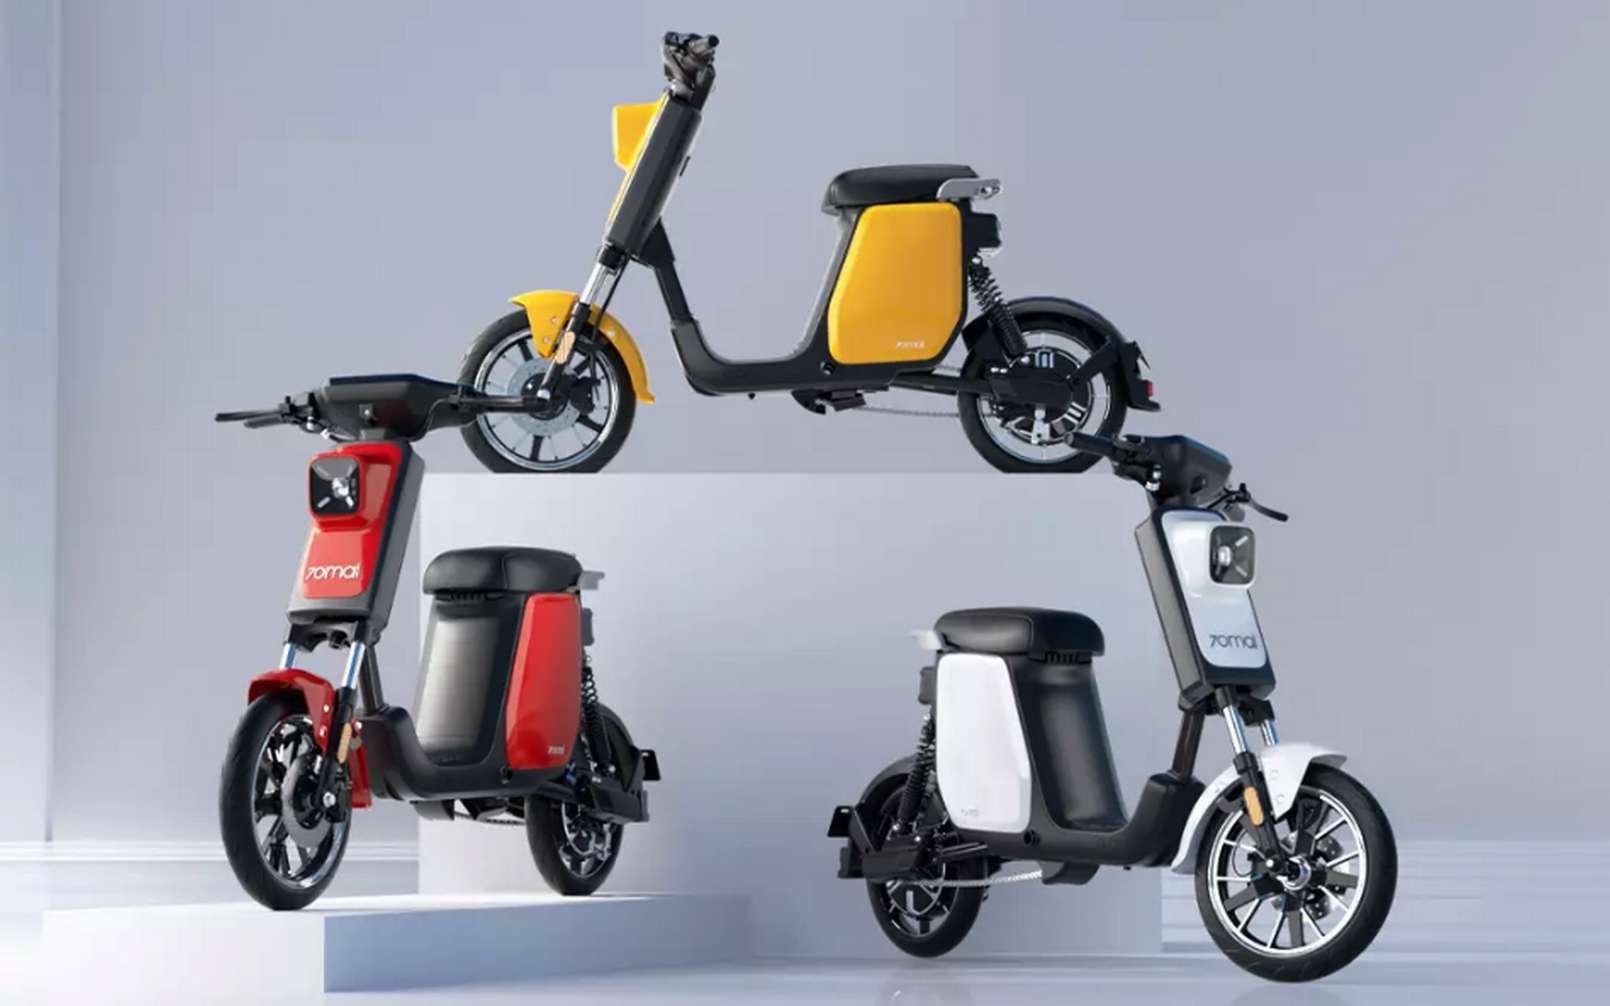 Les scooters électriques Xiaomi ne seront pour le moment distribués qu'en Chine. © Xiaomi 70mai